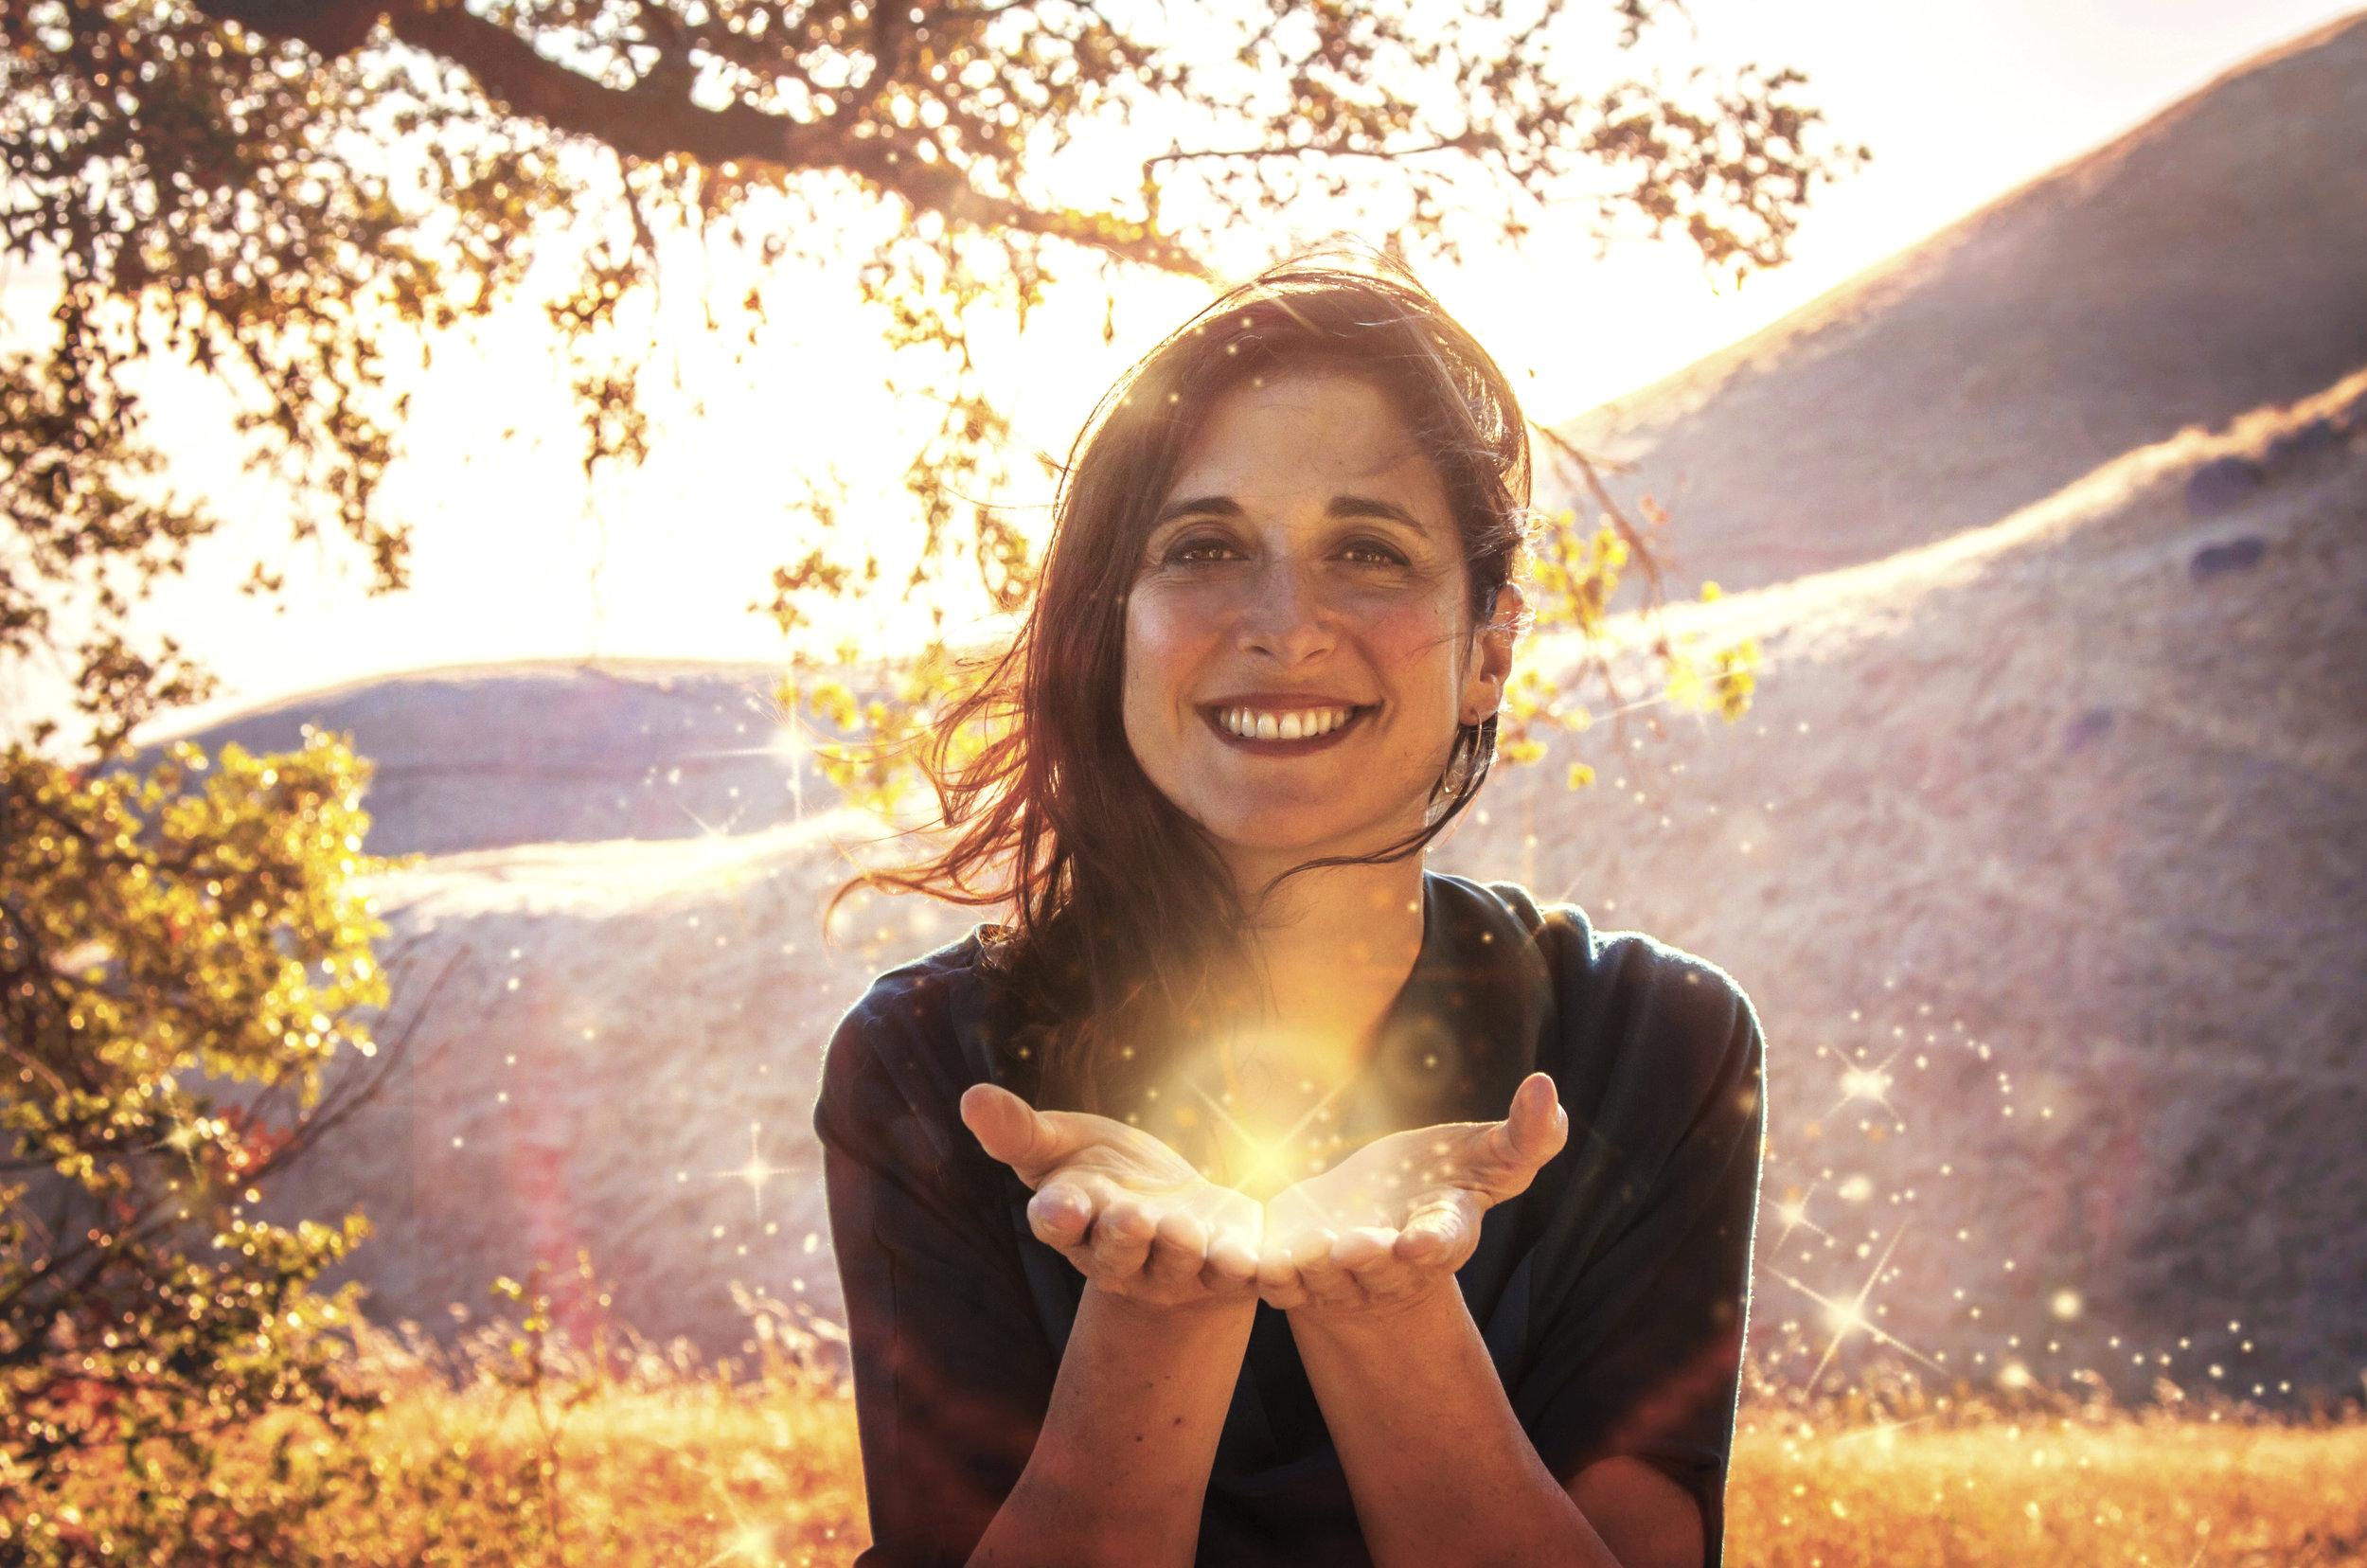 karen-atkins-ball-of-light-bright.jpg